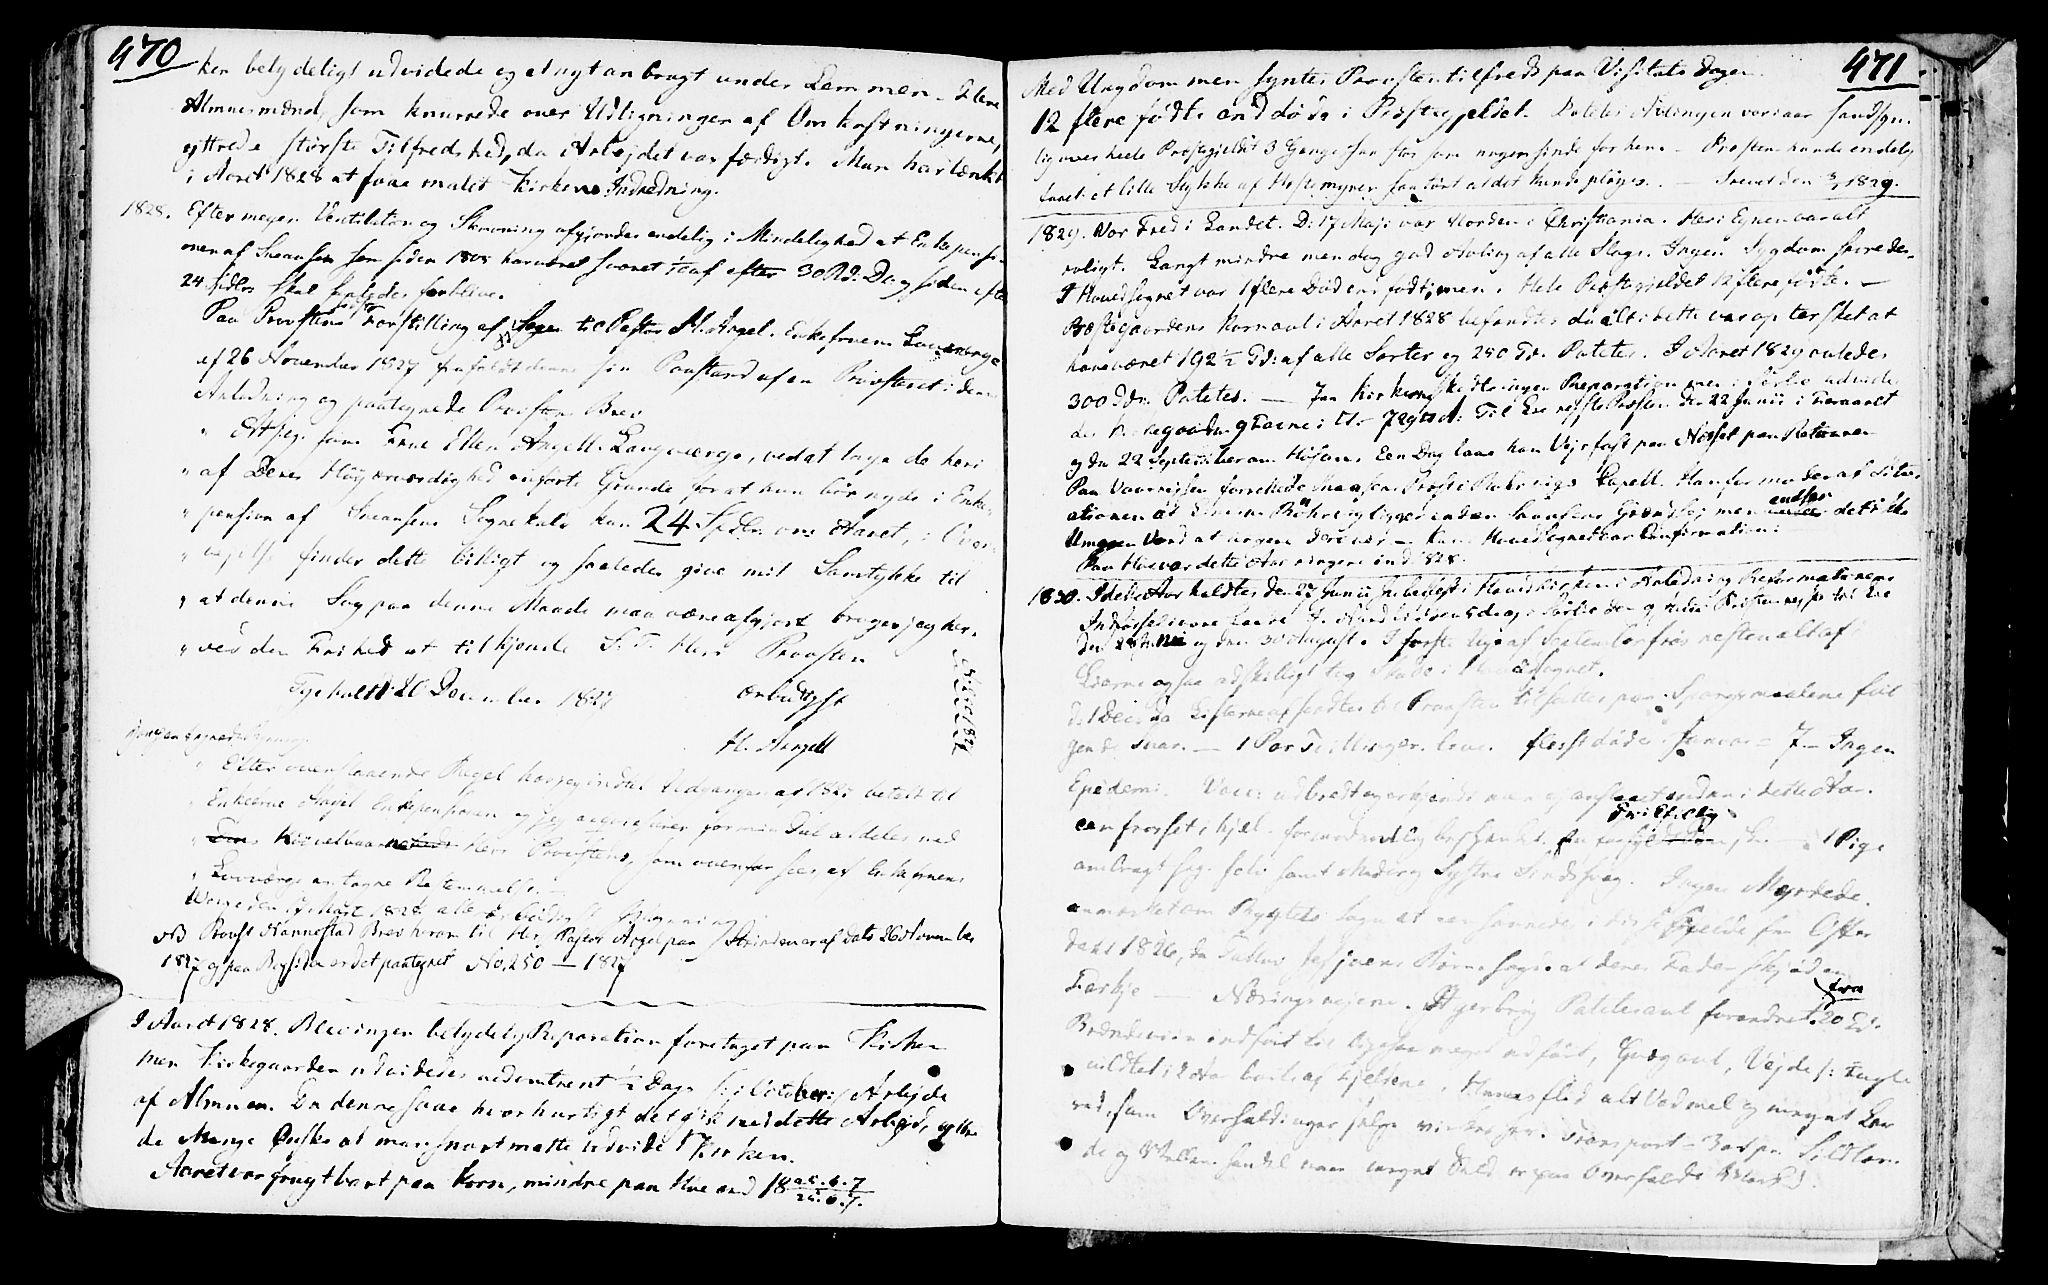 SAT, Ministerialprotokoller, klokkerbøker og fødselsregistre - Nord-Trøndelag, 749/L0468: Ministerialbok nr. 749A02, 1787-1817, s. 470-471